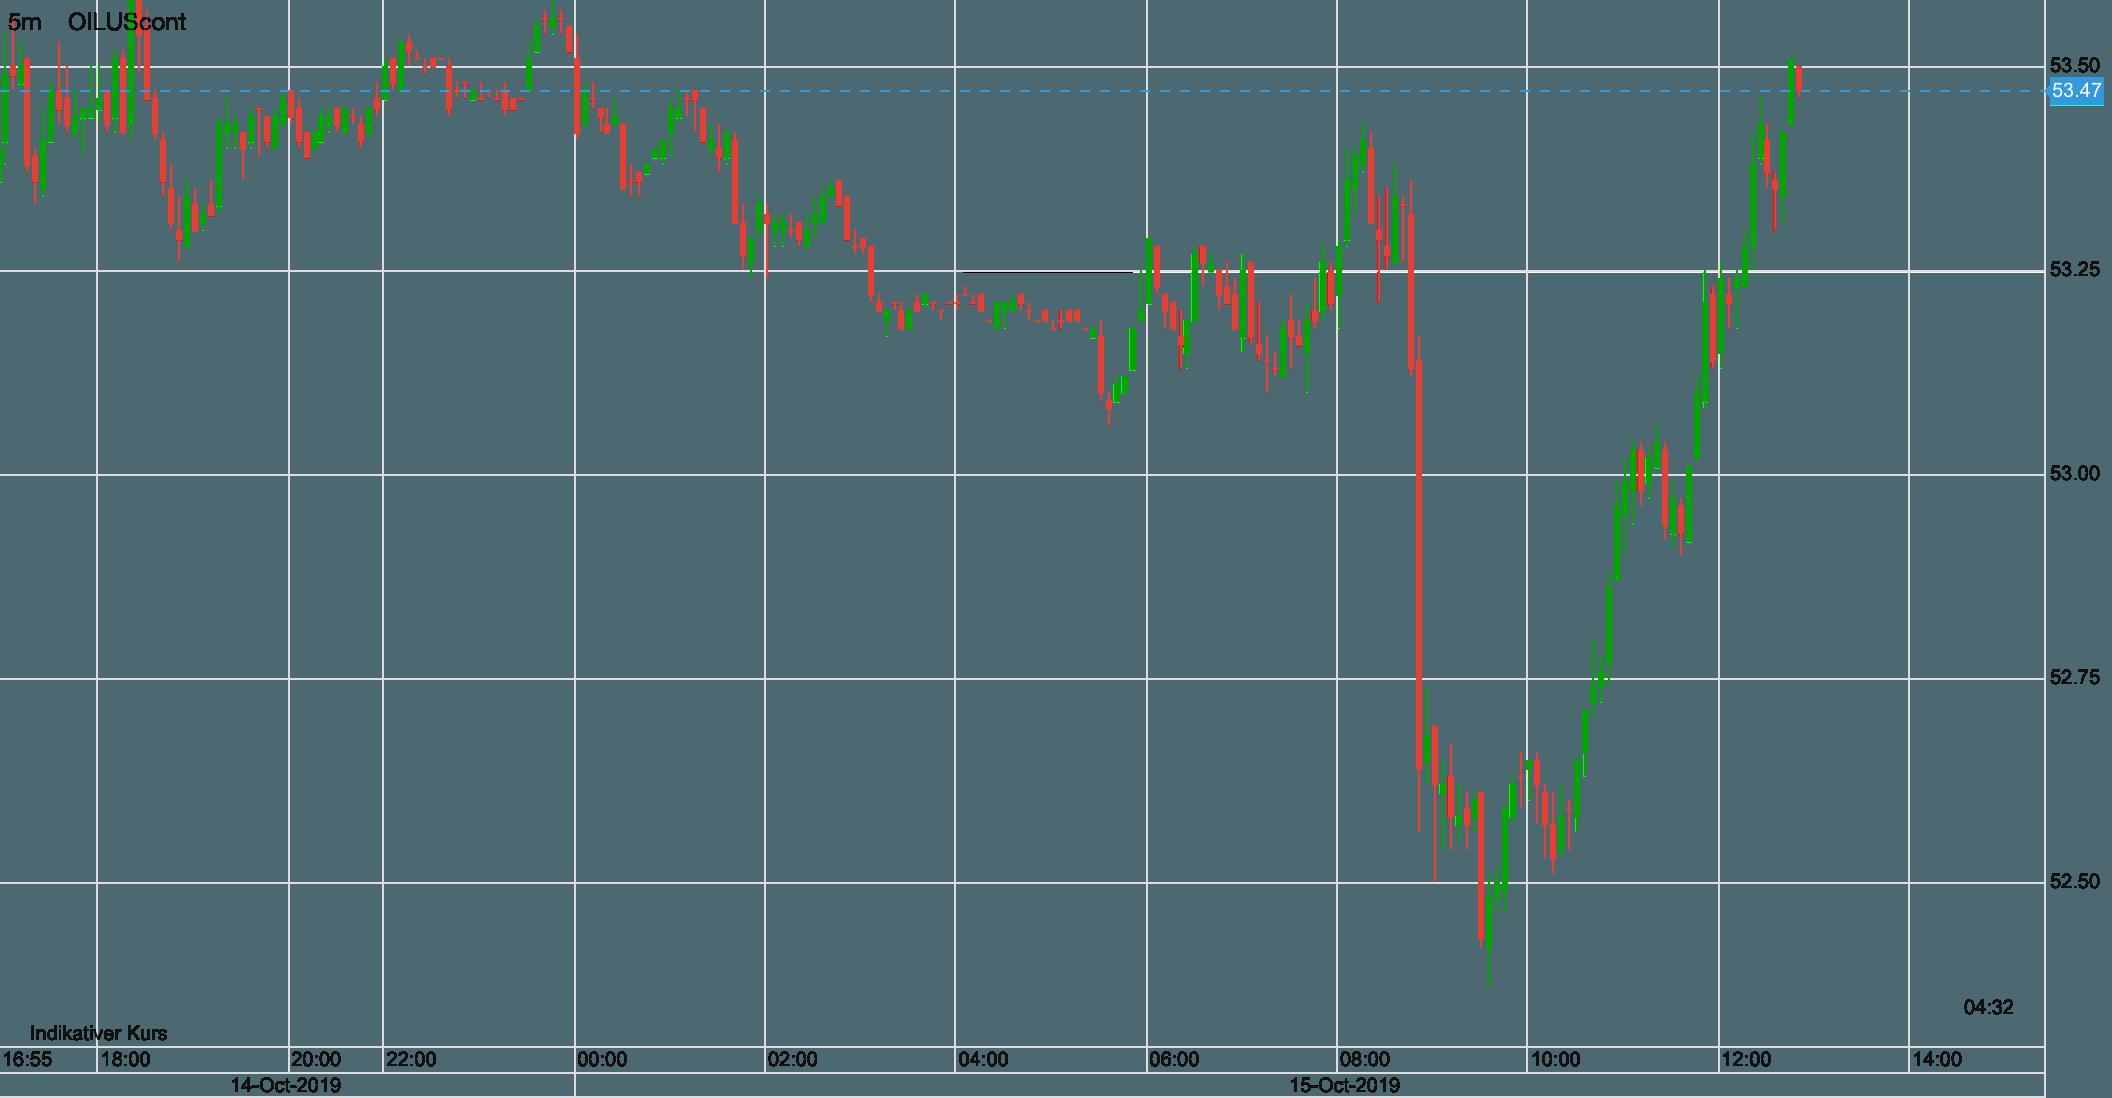 WTI Ölpreis Verlauf seit gestern Abend